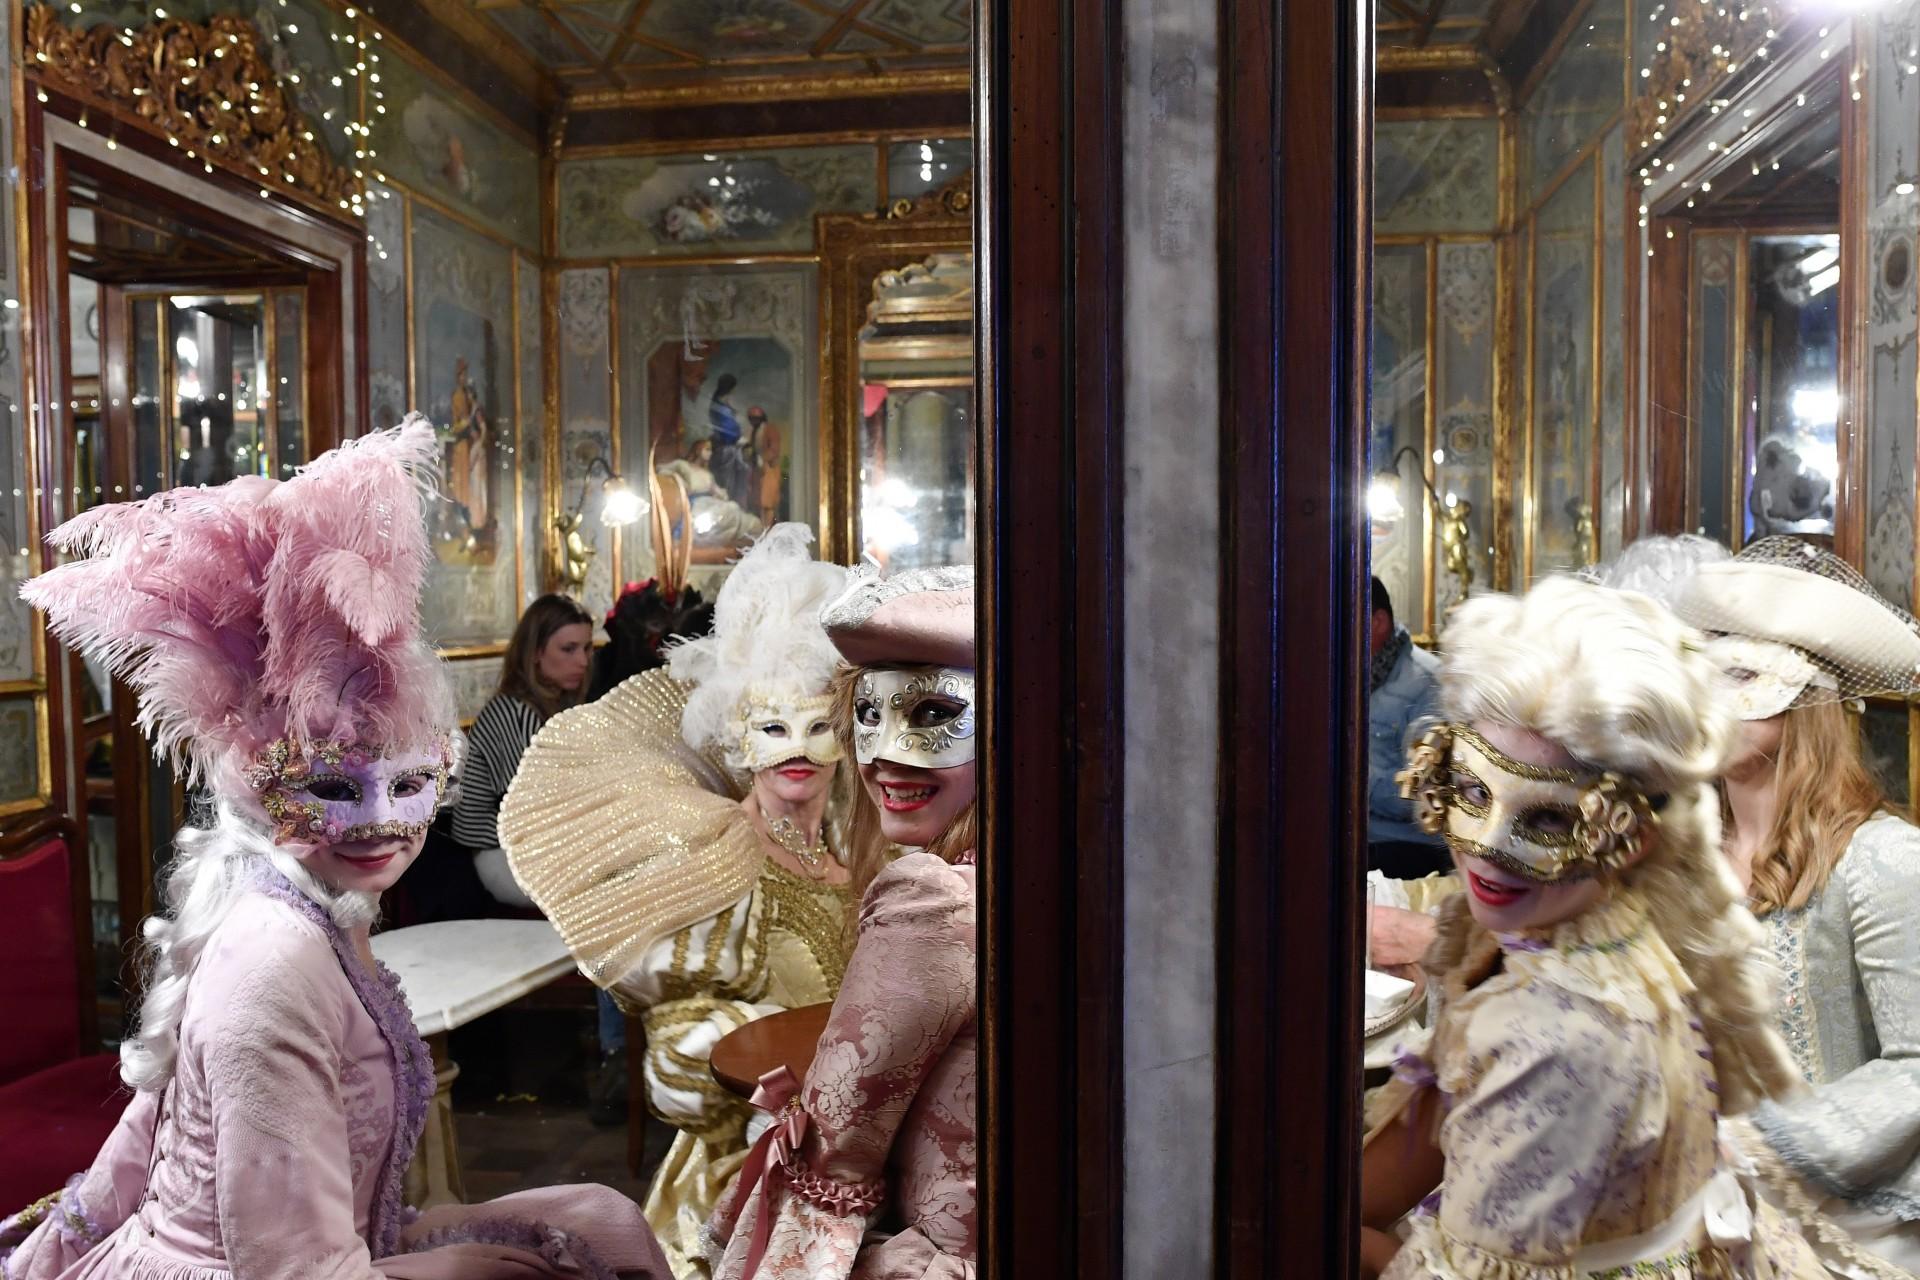 Unas chicas con máscaras y trajes de época se sientan en el café Florian durante el Carnaval de Venecia el 23 de febrero de 2019 en Venecia.